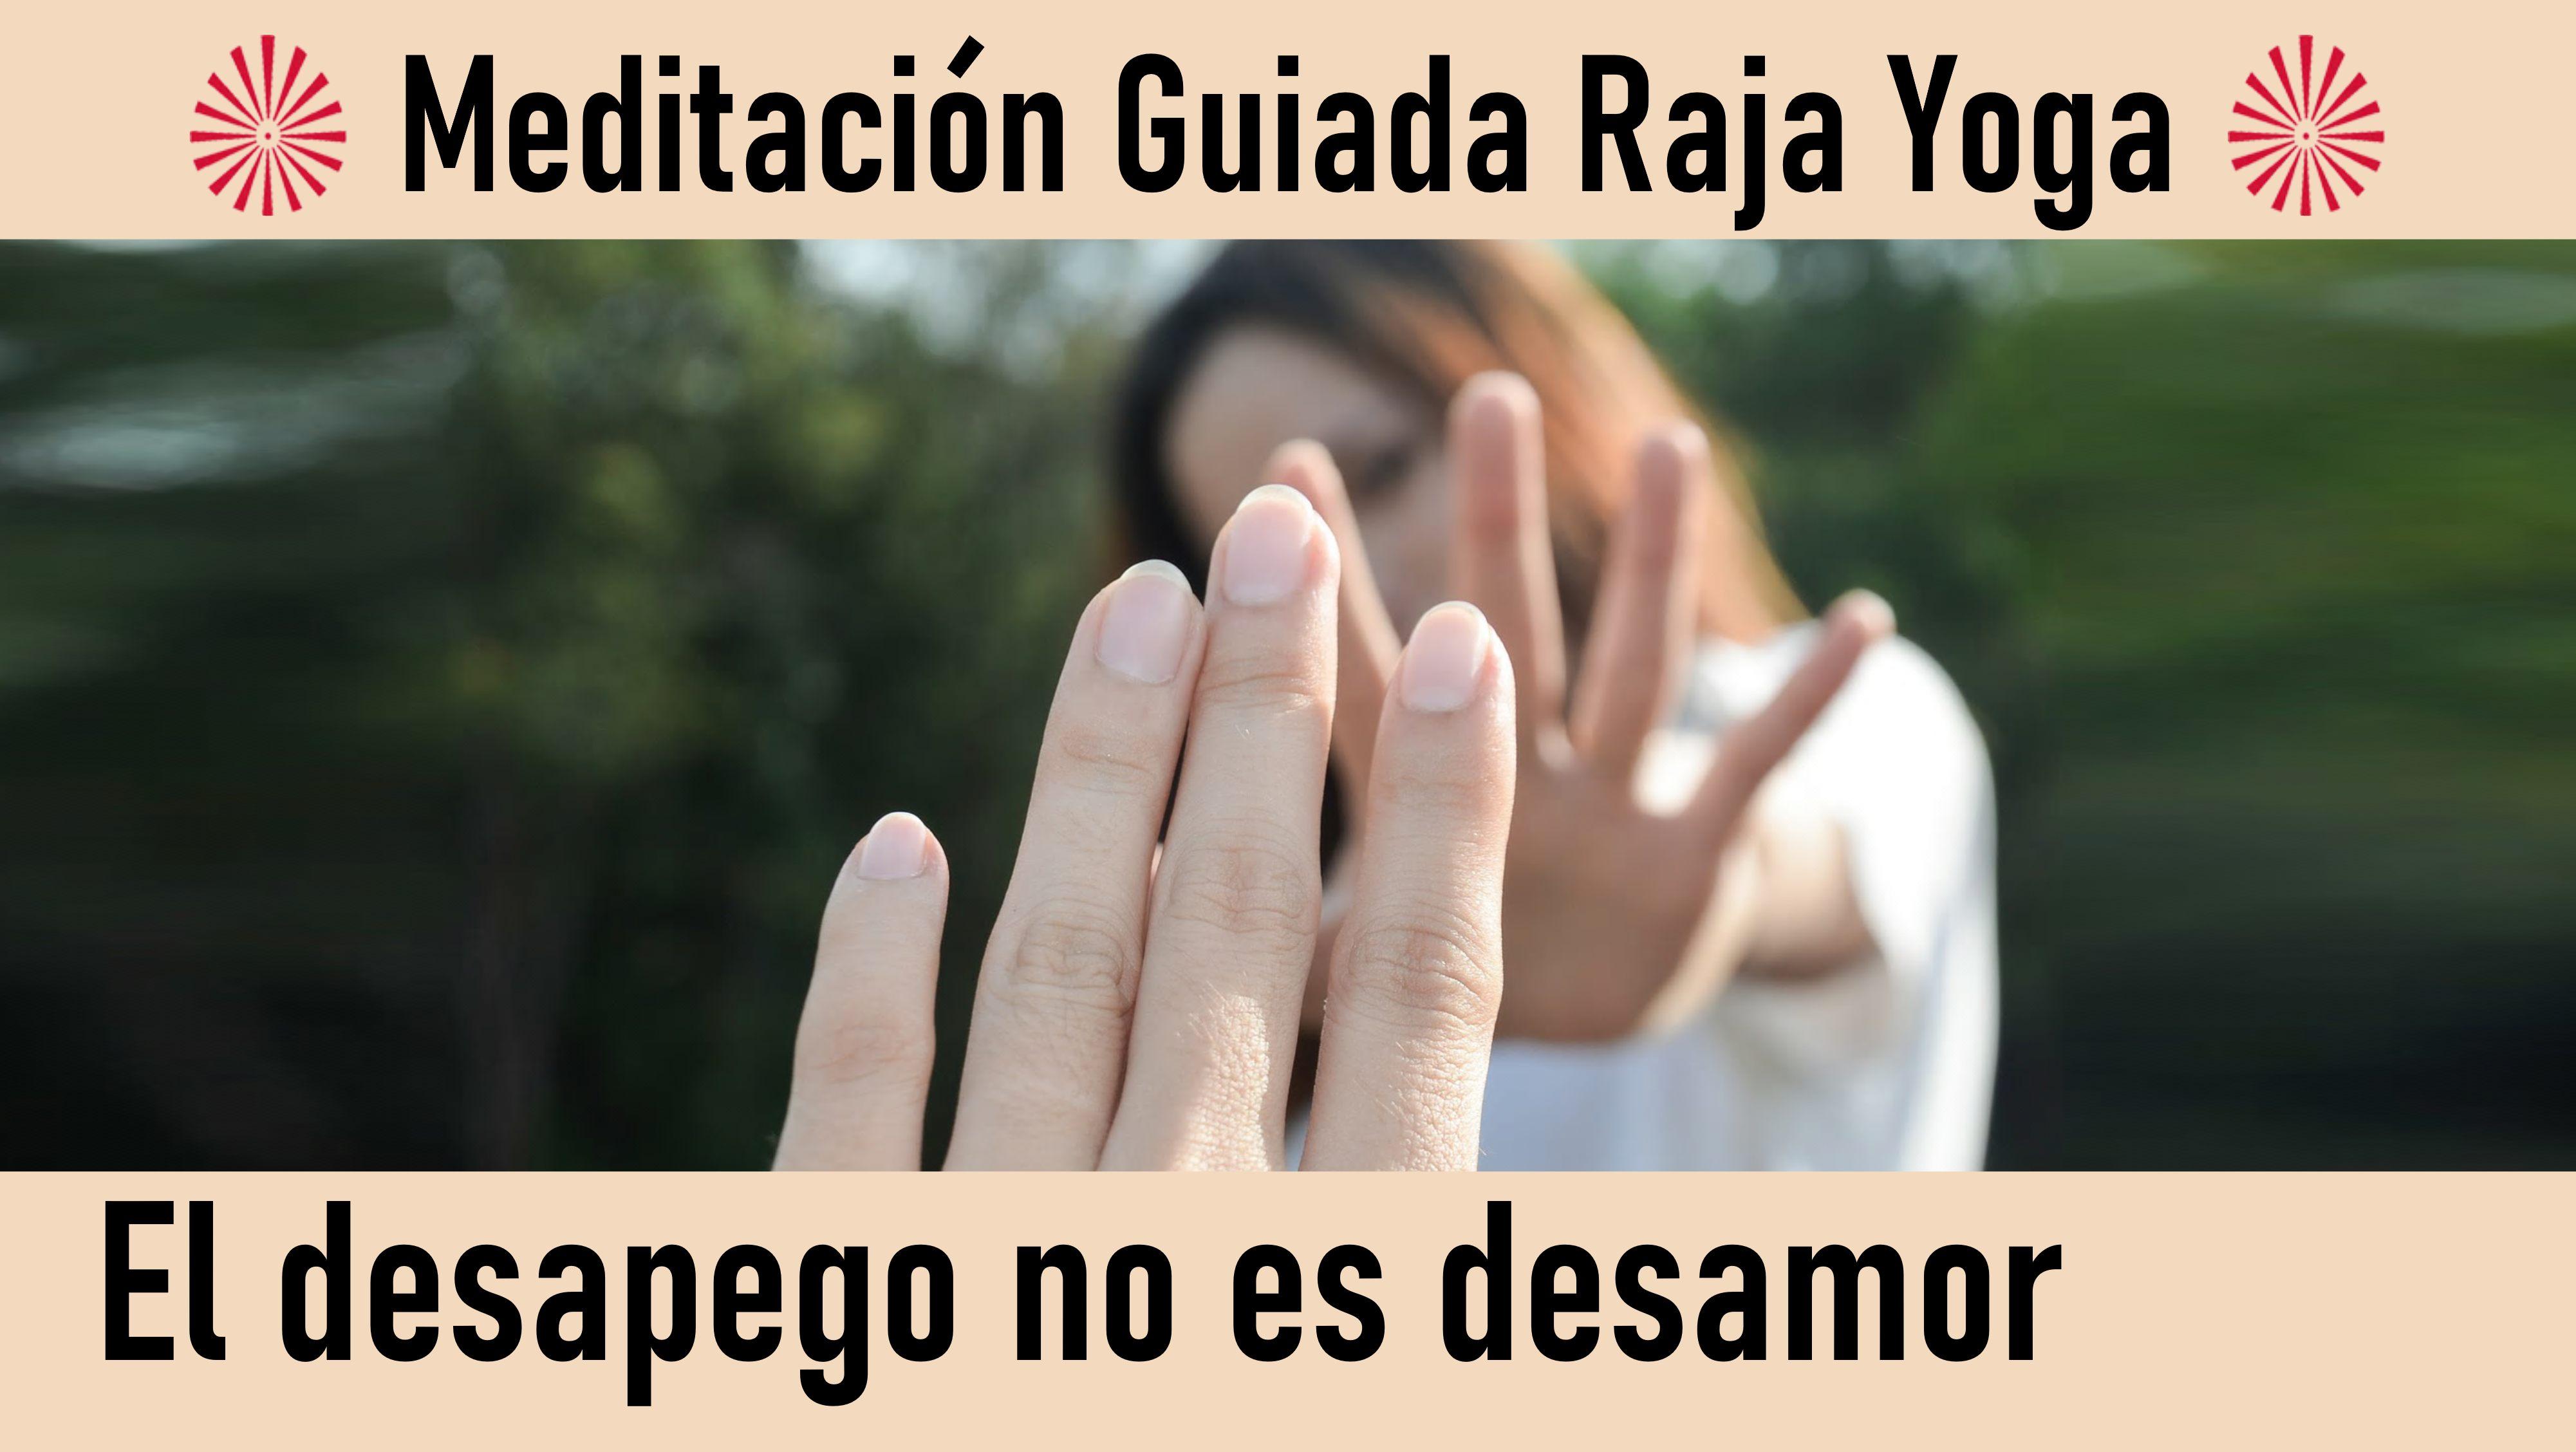 5 Agosto 2020 Meditación guiada: El desapego no es desamor